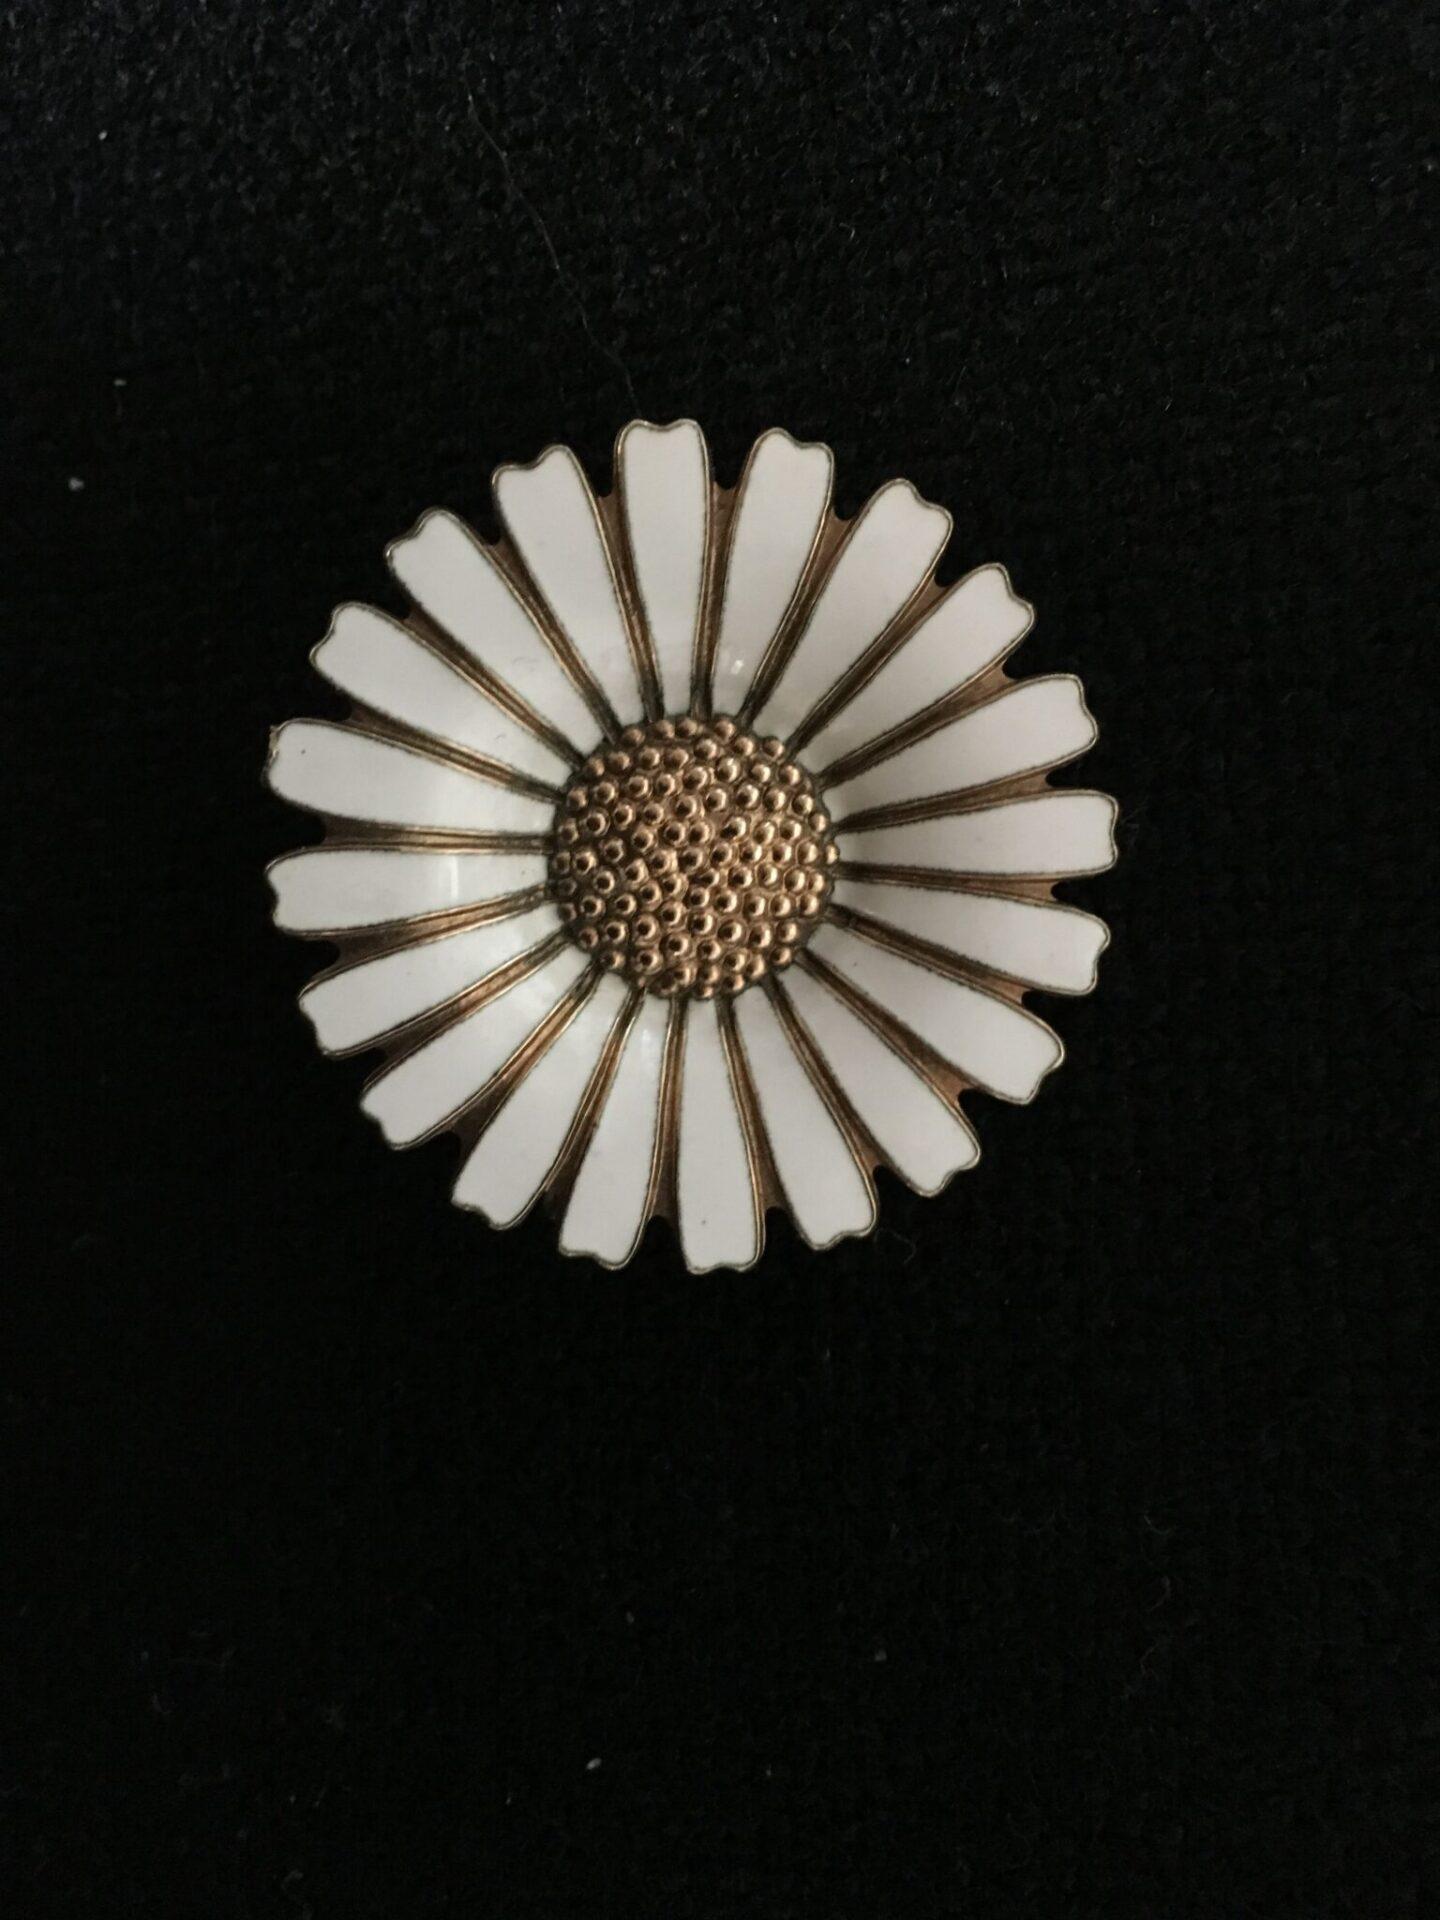 Marguerit, d= 3,5 cm, sterling sølv, fejlfri, ( Volmer Bahner), pris 600 kr